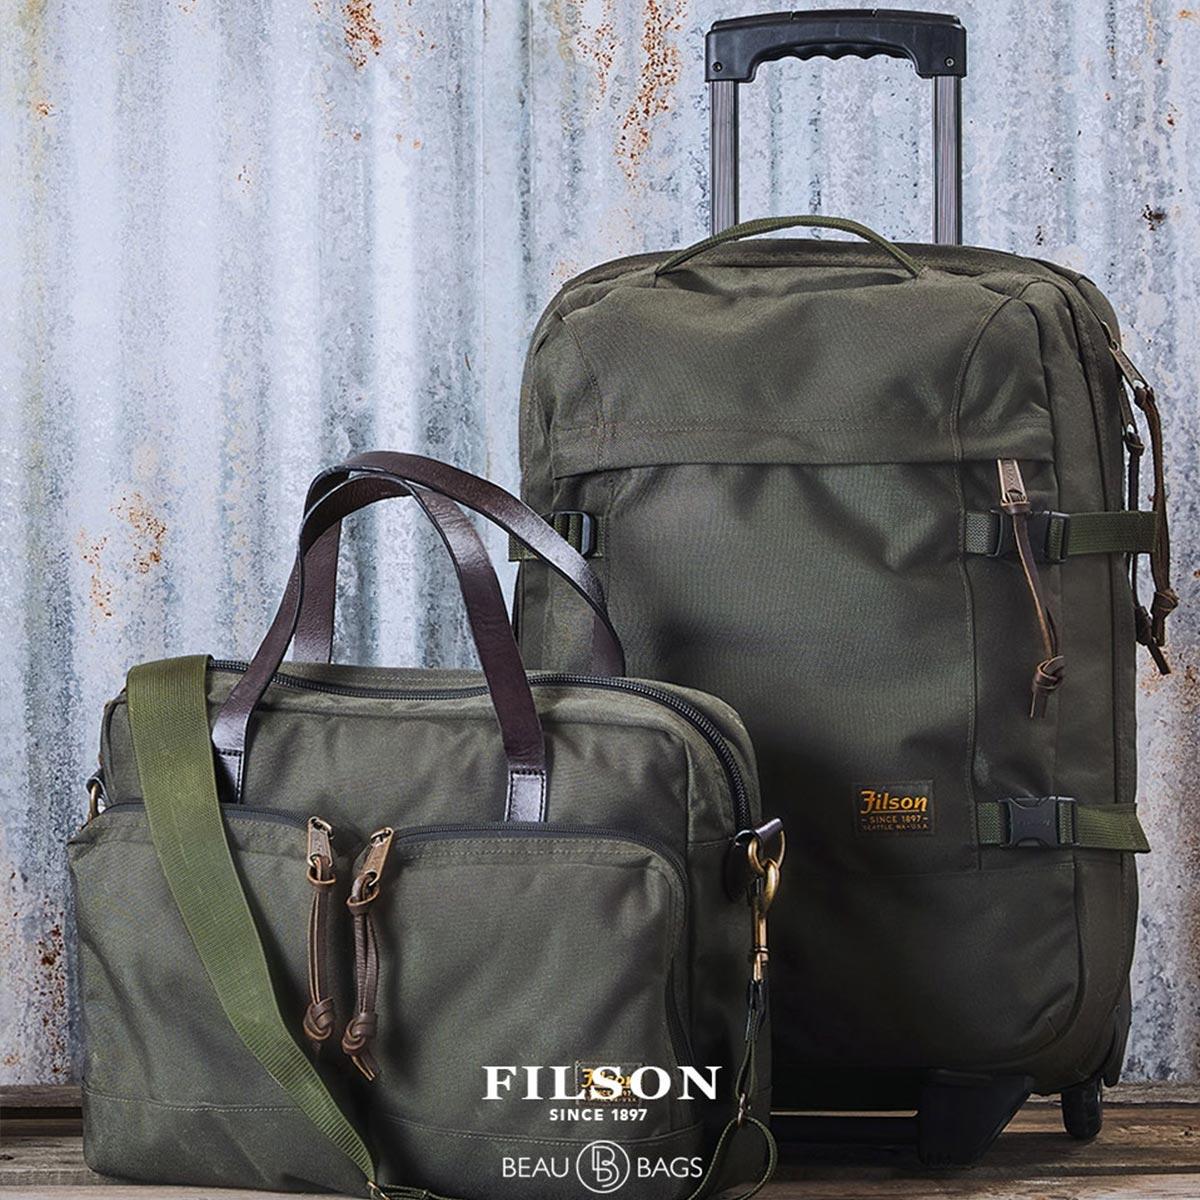 Filson Dryden Dryden 2-Wheel Rolling Carry-On Bag 20047728-Otter Green, rolkoffer gemaakt van slijtvast ballistisch nylon dat bestand is tegen intensief gebruik